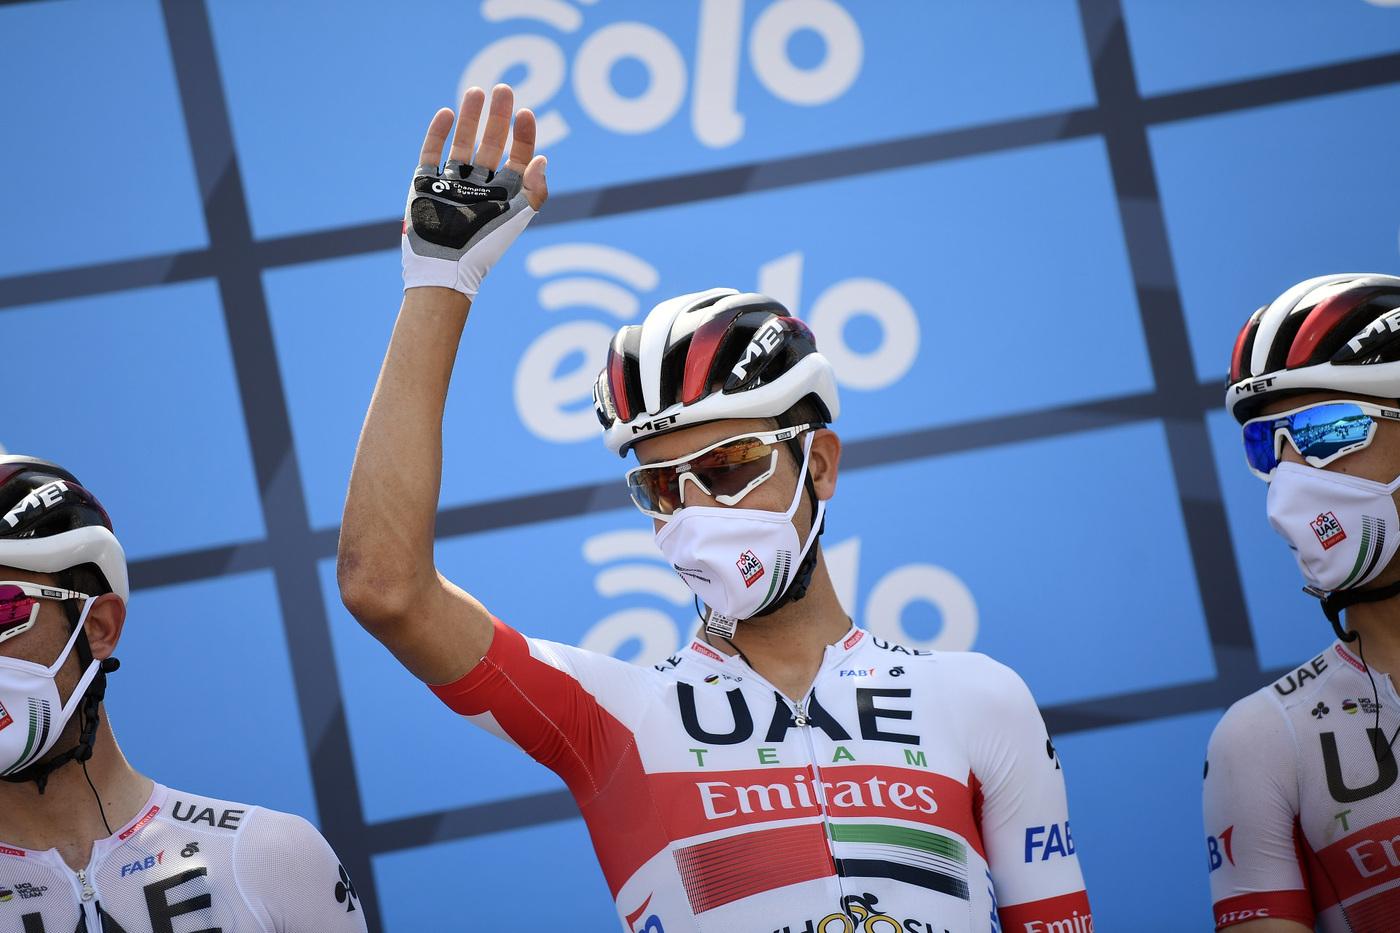 abbigliamento ciclismo UAE basso prezzo